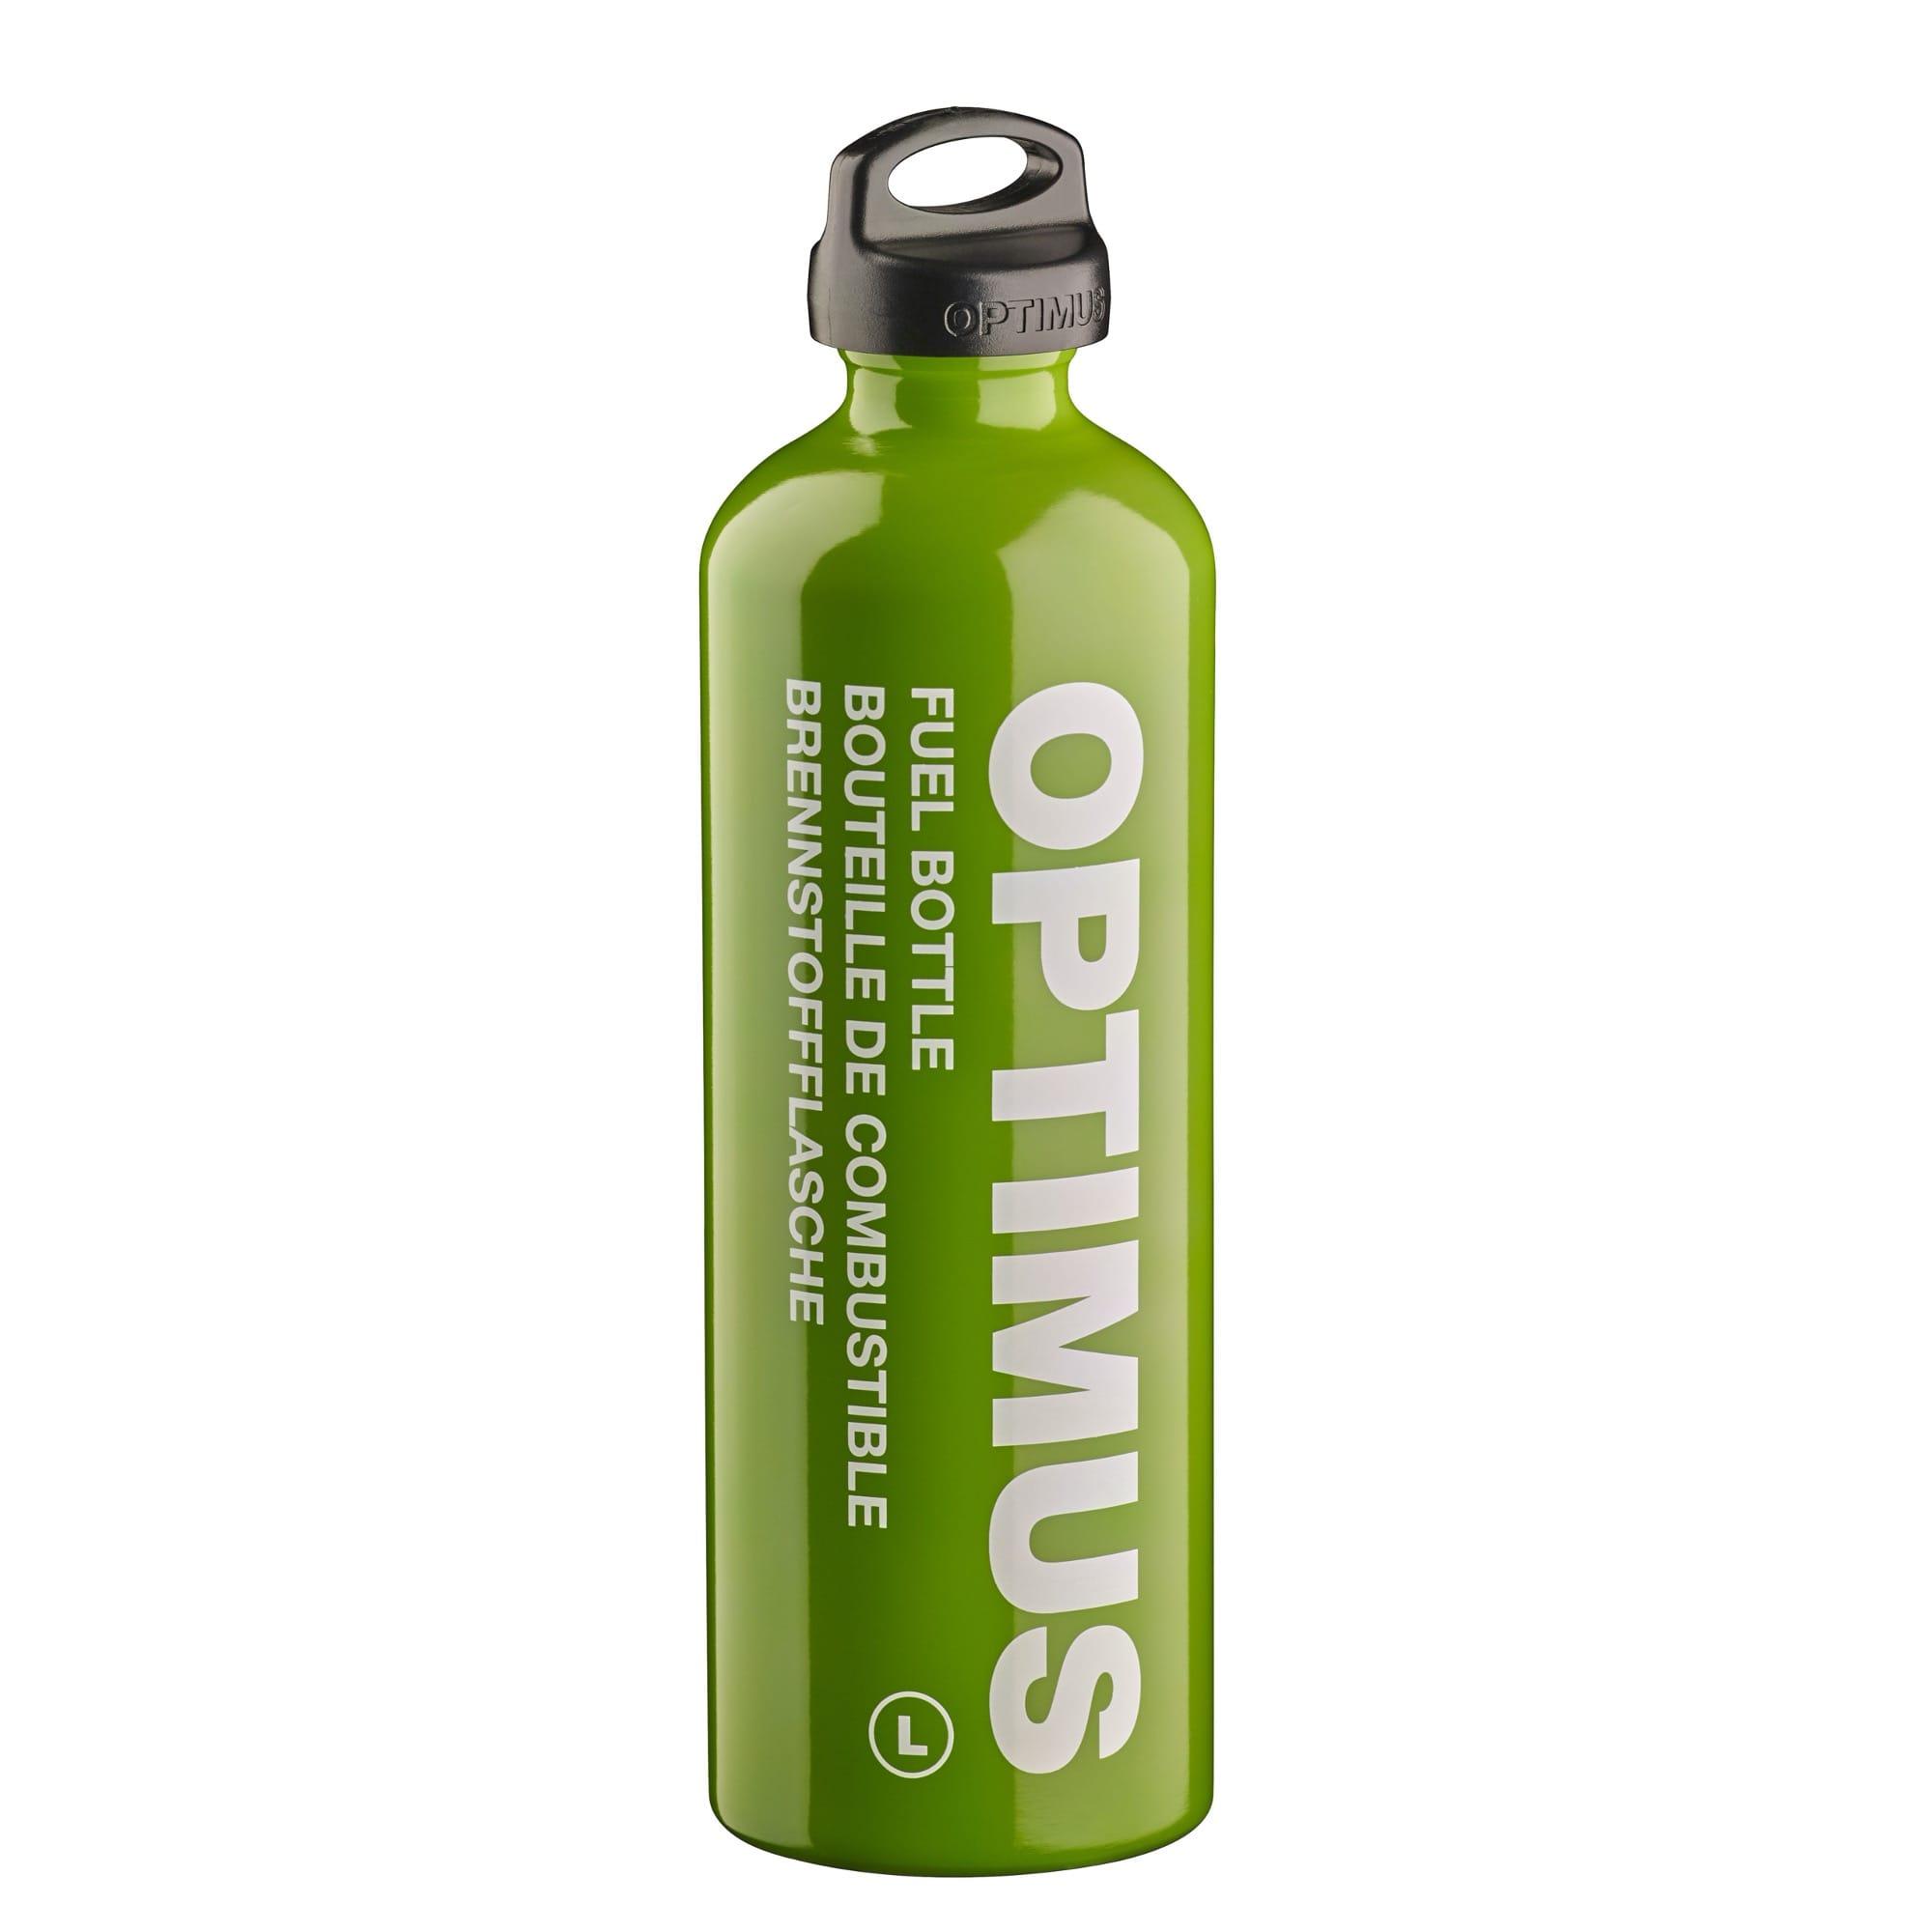 Optimus – Brennstoff-Flasche – 1 L